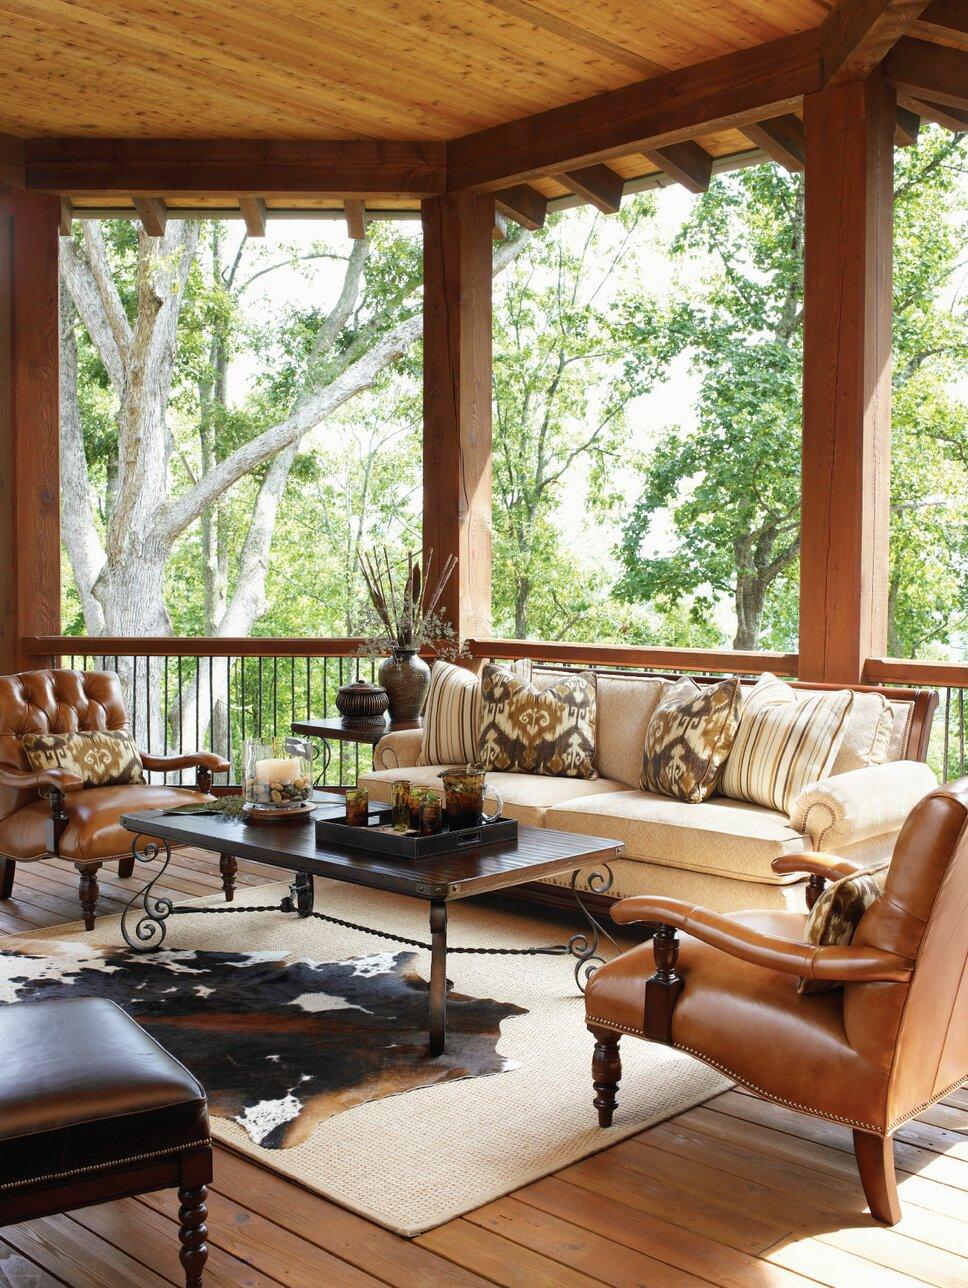 Rustic Exterior, Deck, & Patio Design